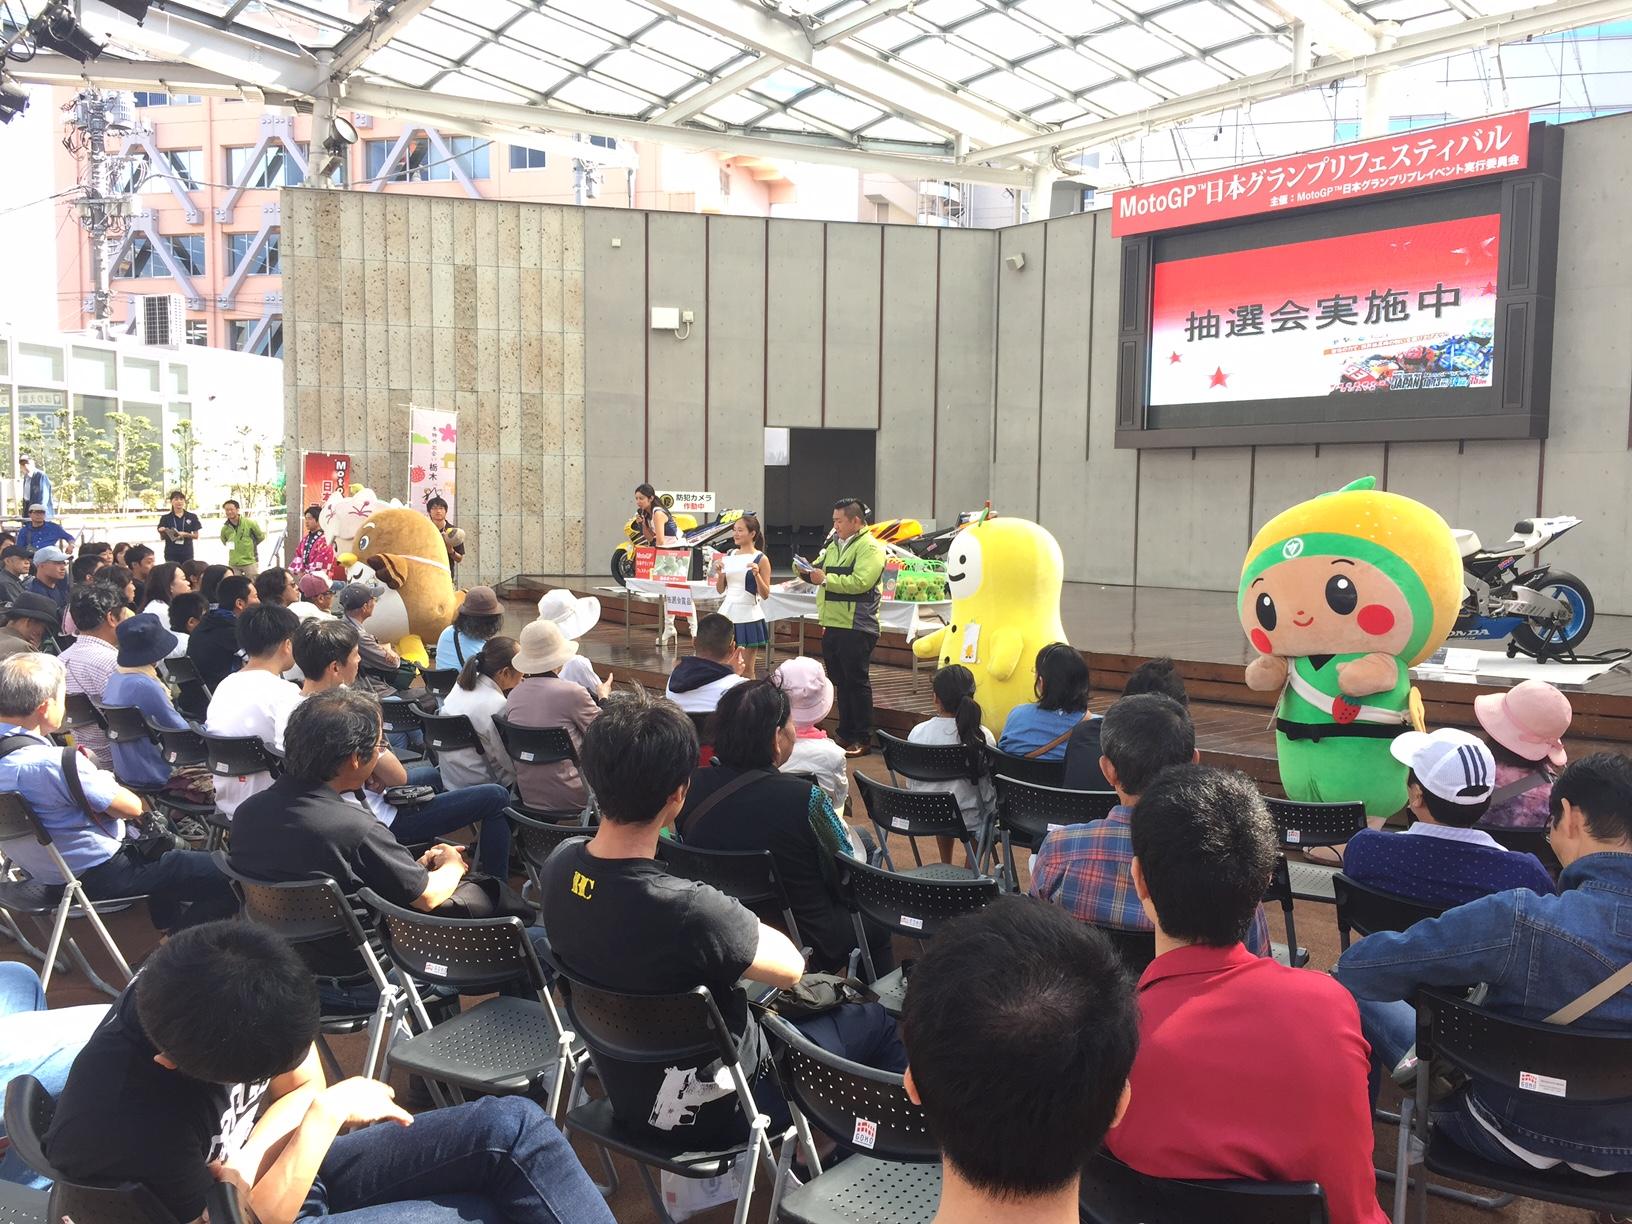 MotoGP™日本グランプリフェスティバル